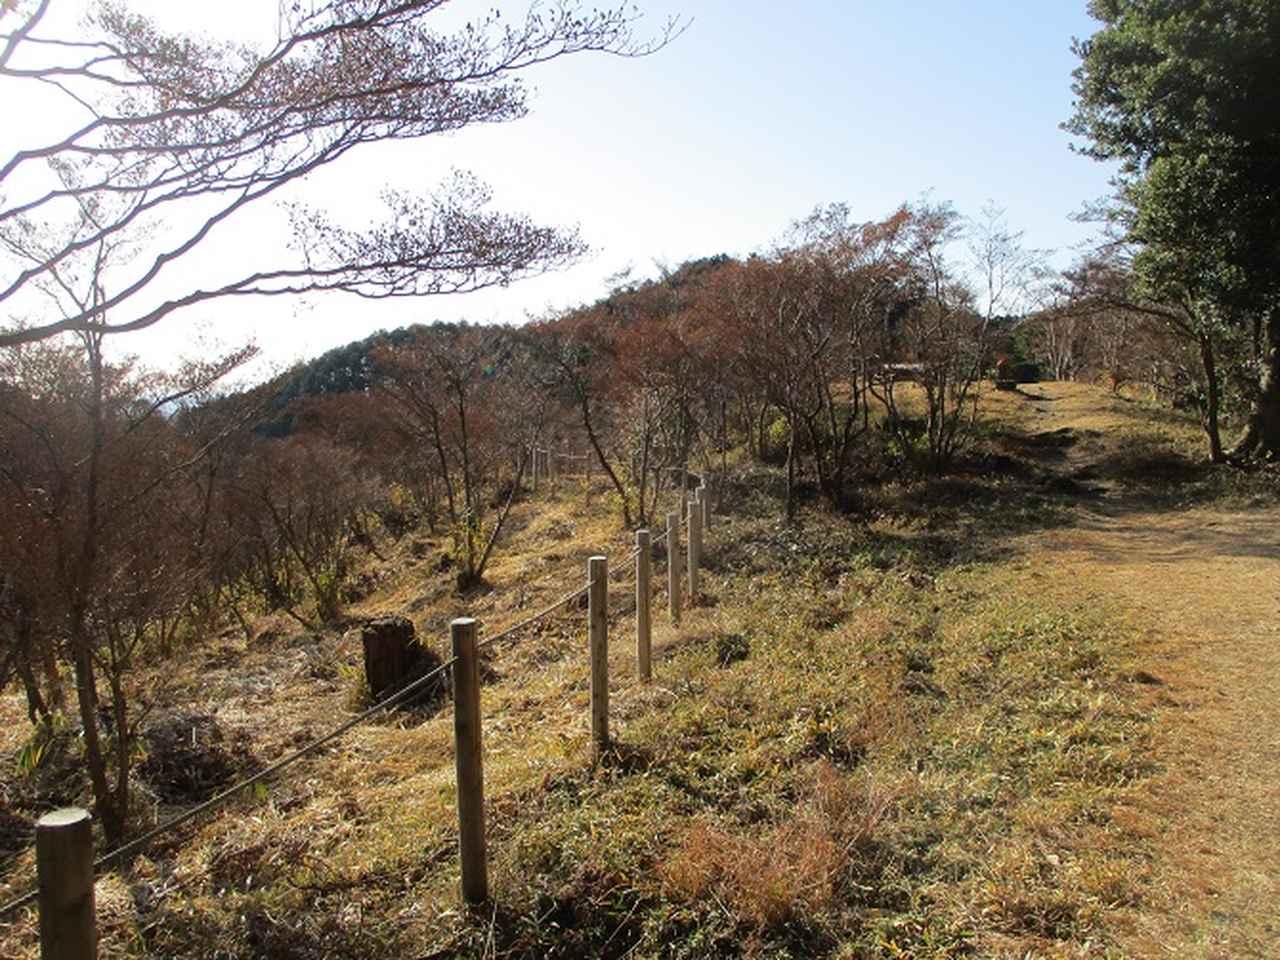 画像13: 【山旅会・登山ガイドこだわりツアー】岡田ガイドからの便り・千葉山ツアーの下見にいってまいりました!